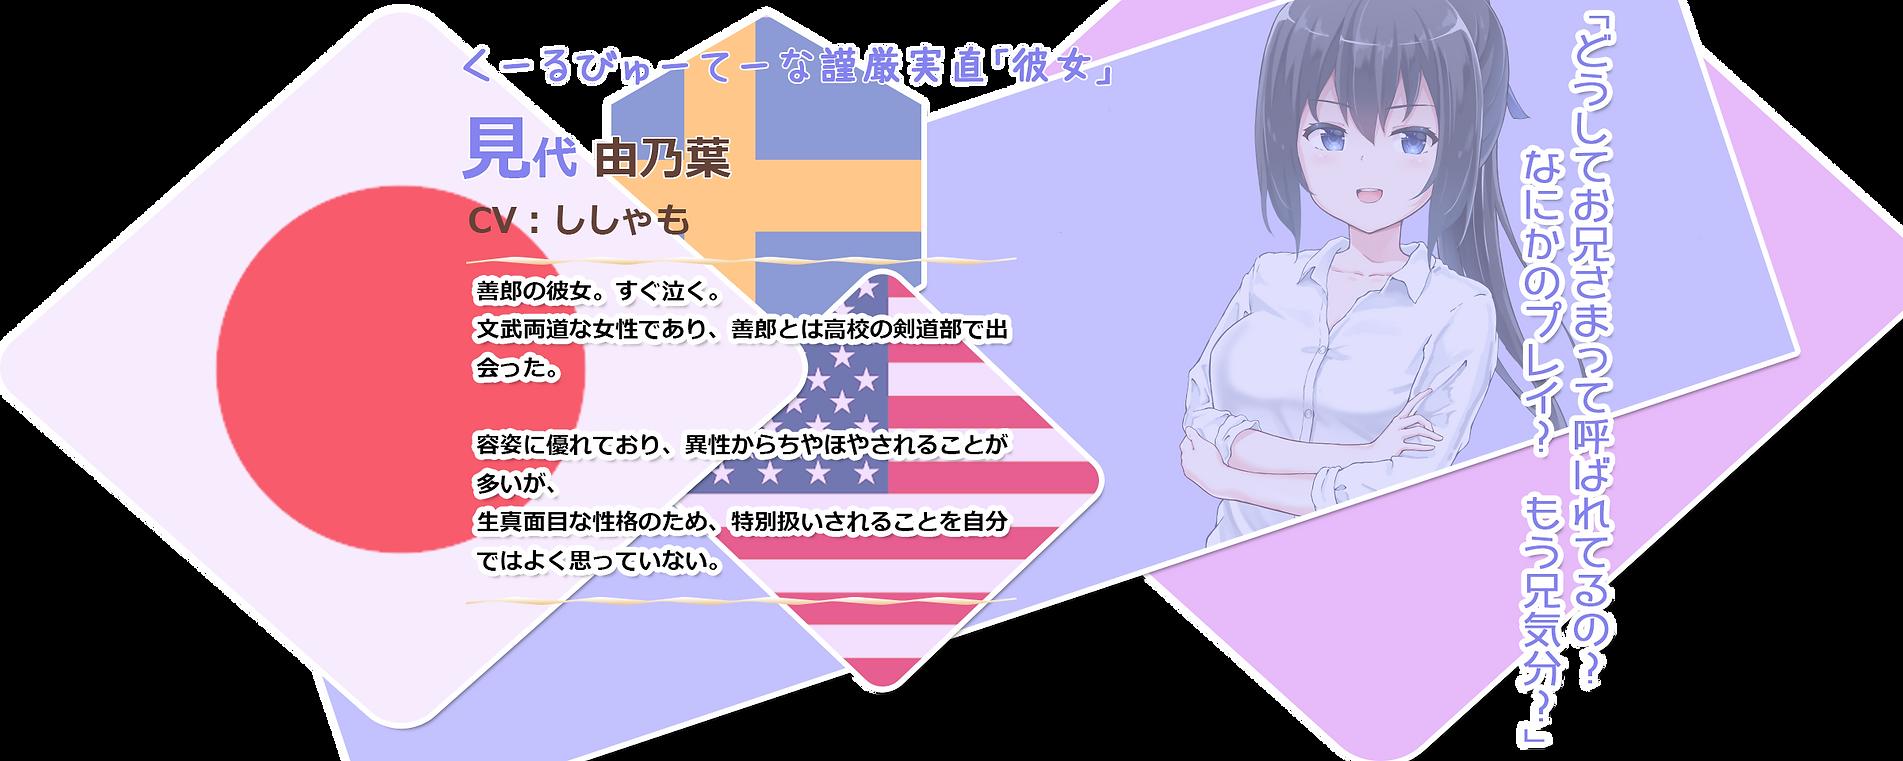 由乃葉FIX01.png